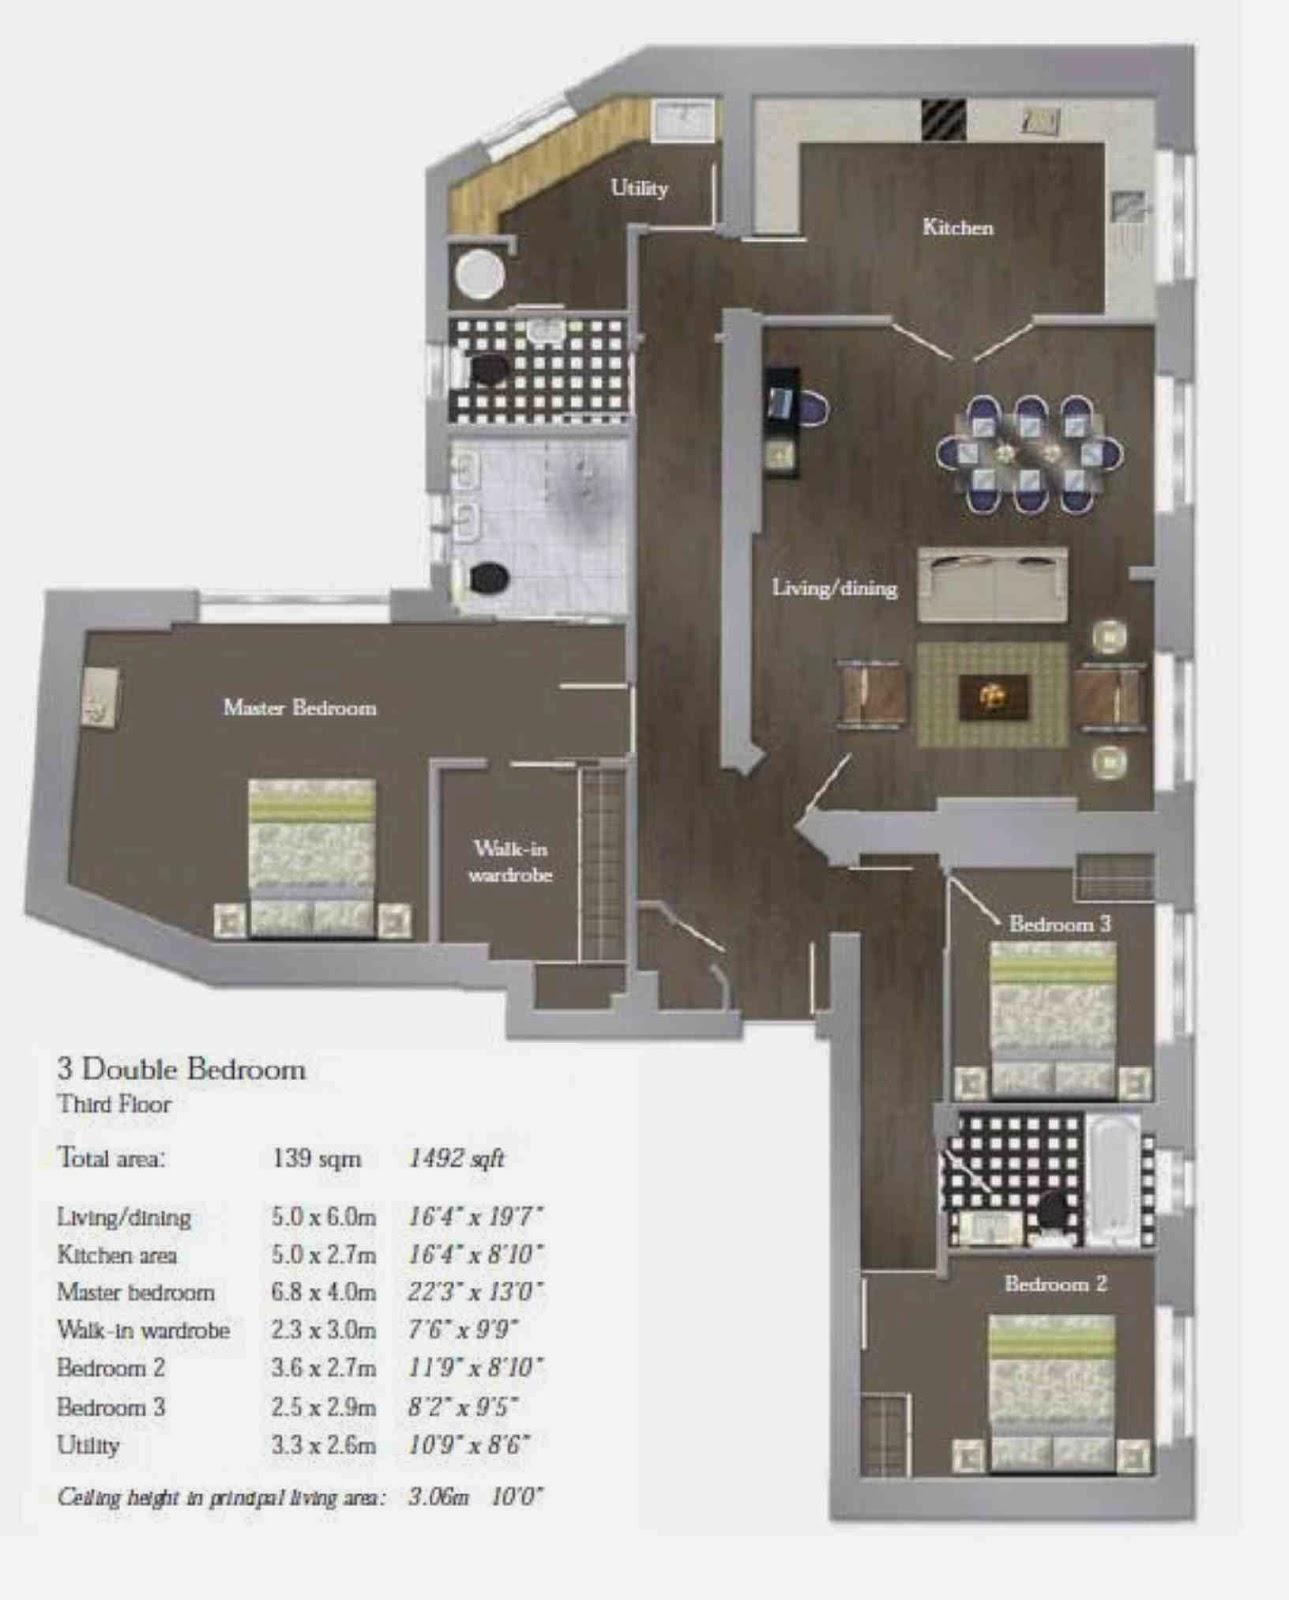 西敏市宮殿花園樓盤圖